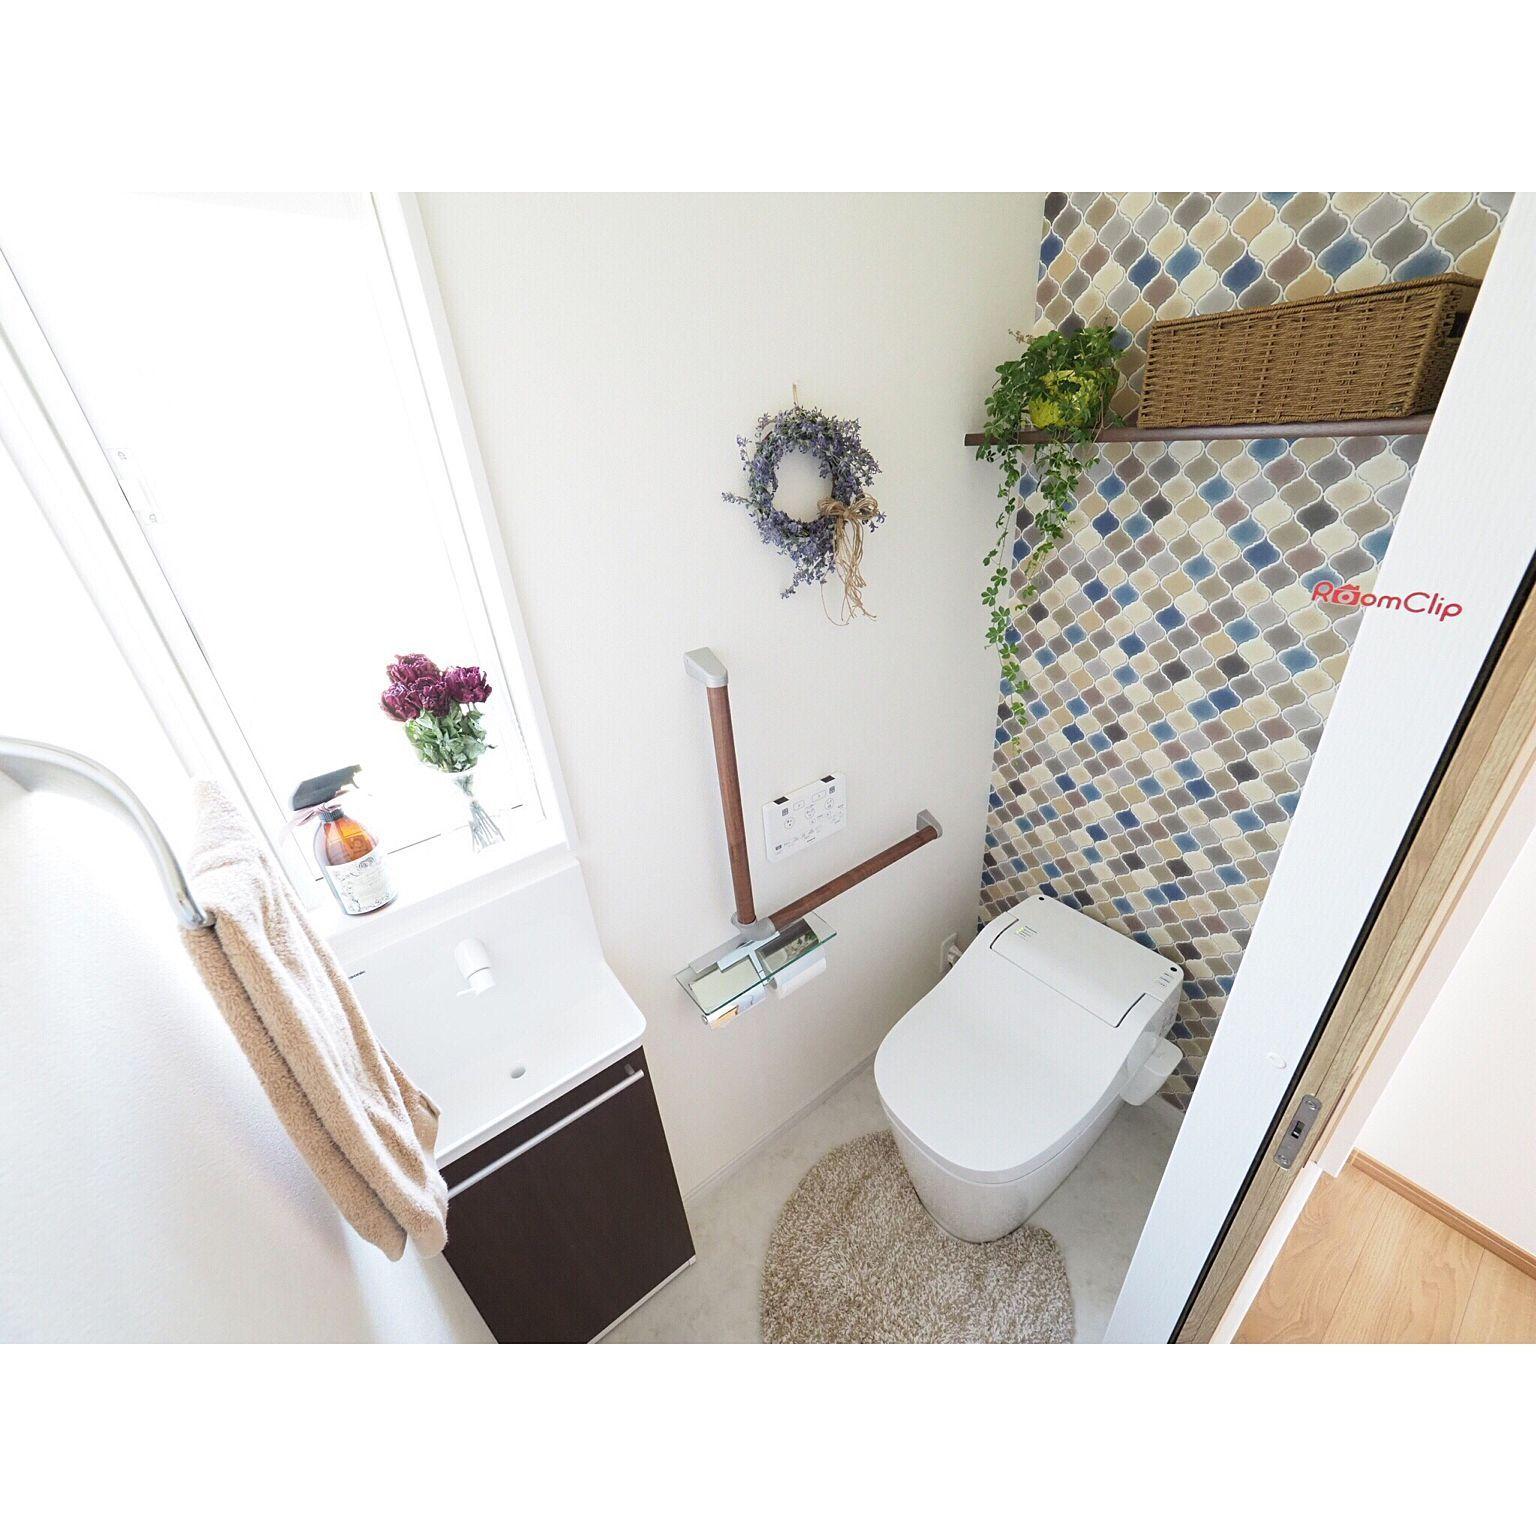 楽天市場 浴室 バスルーム タオル掛け マグネットバスルームタオルハンガー ワイド Tower タワー Nideau タオル掛け マグネット タオル掛け バスルーム